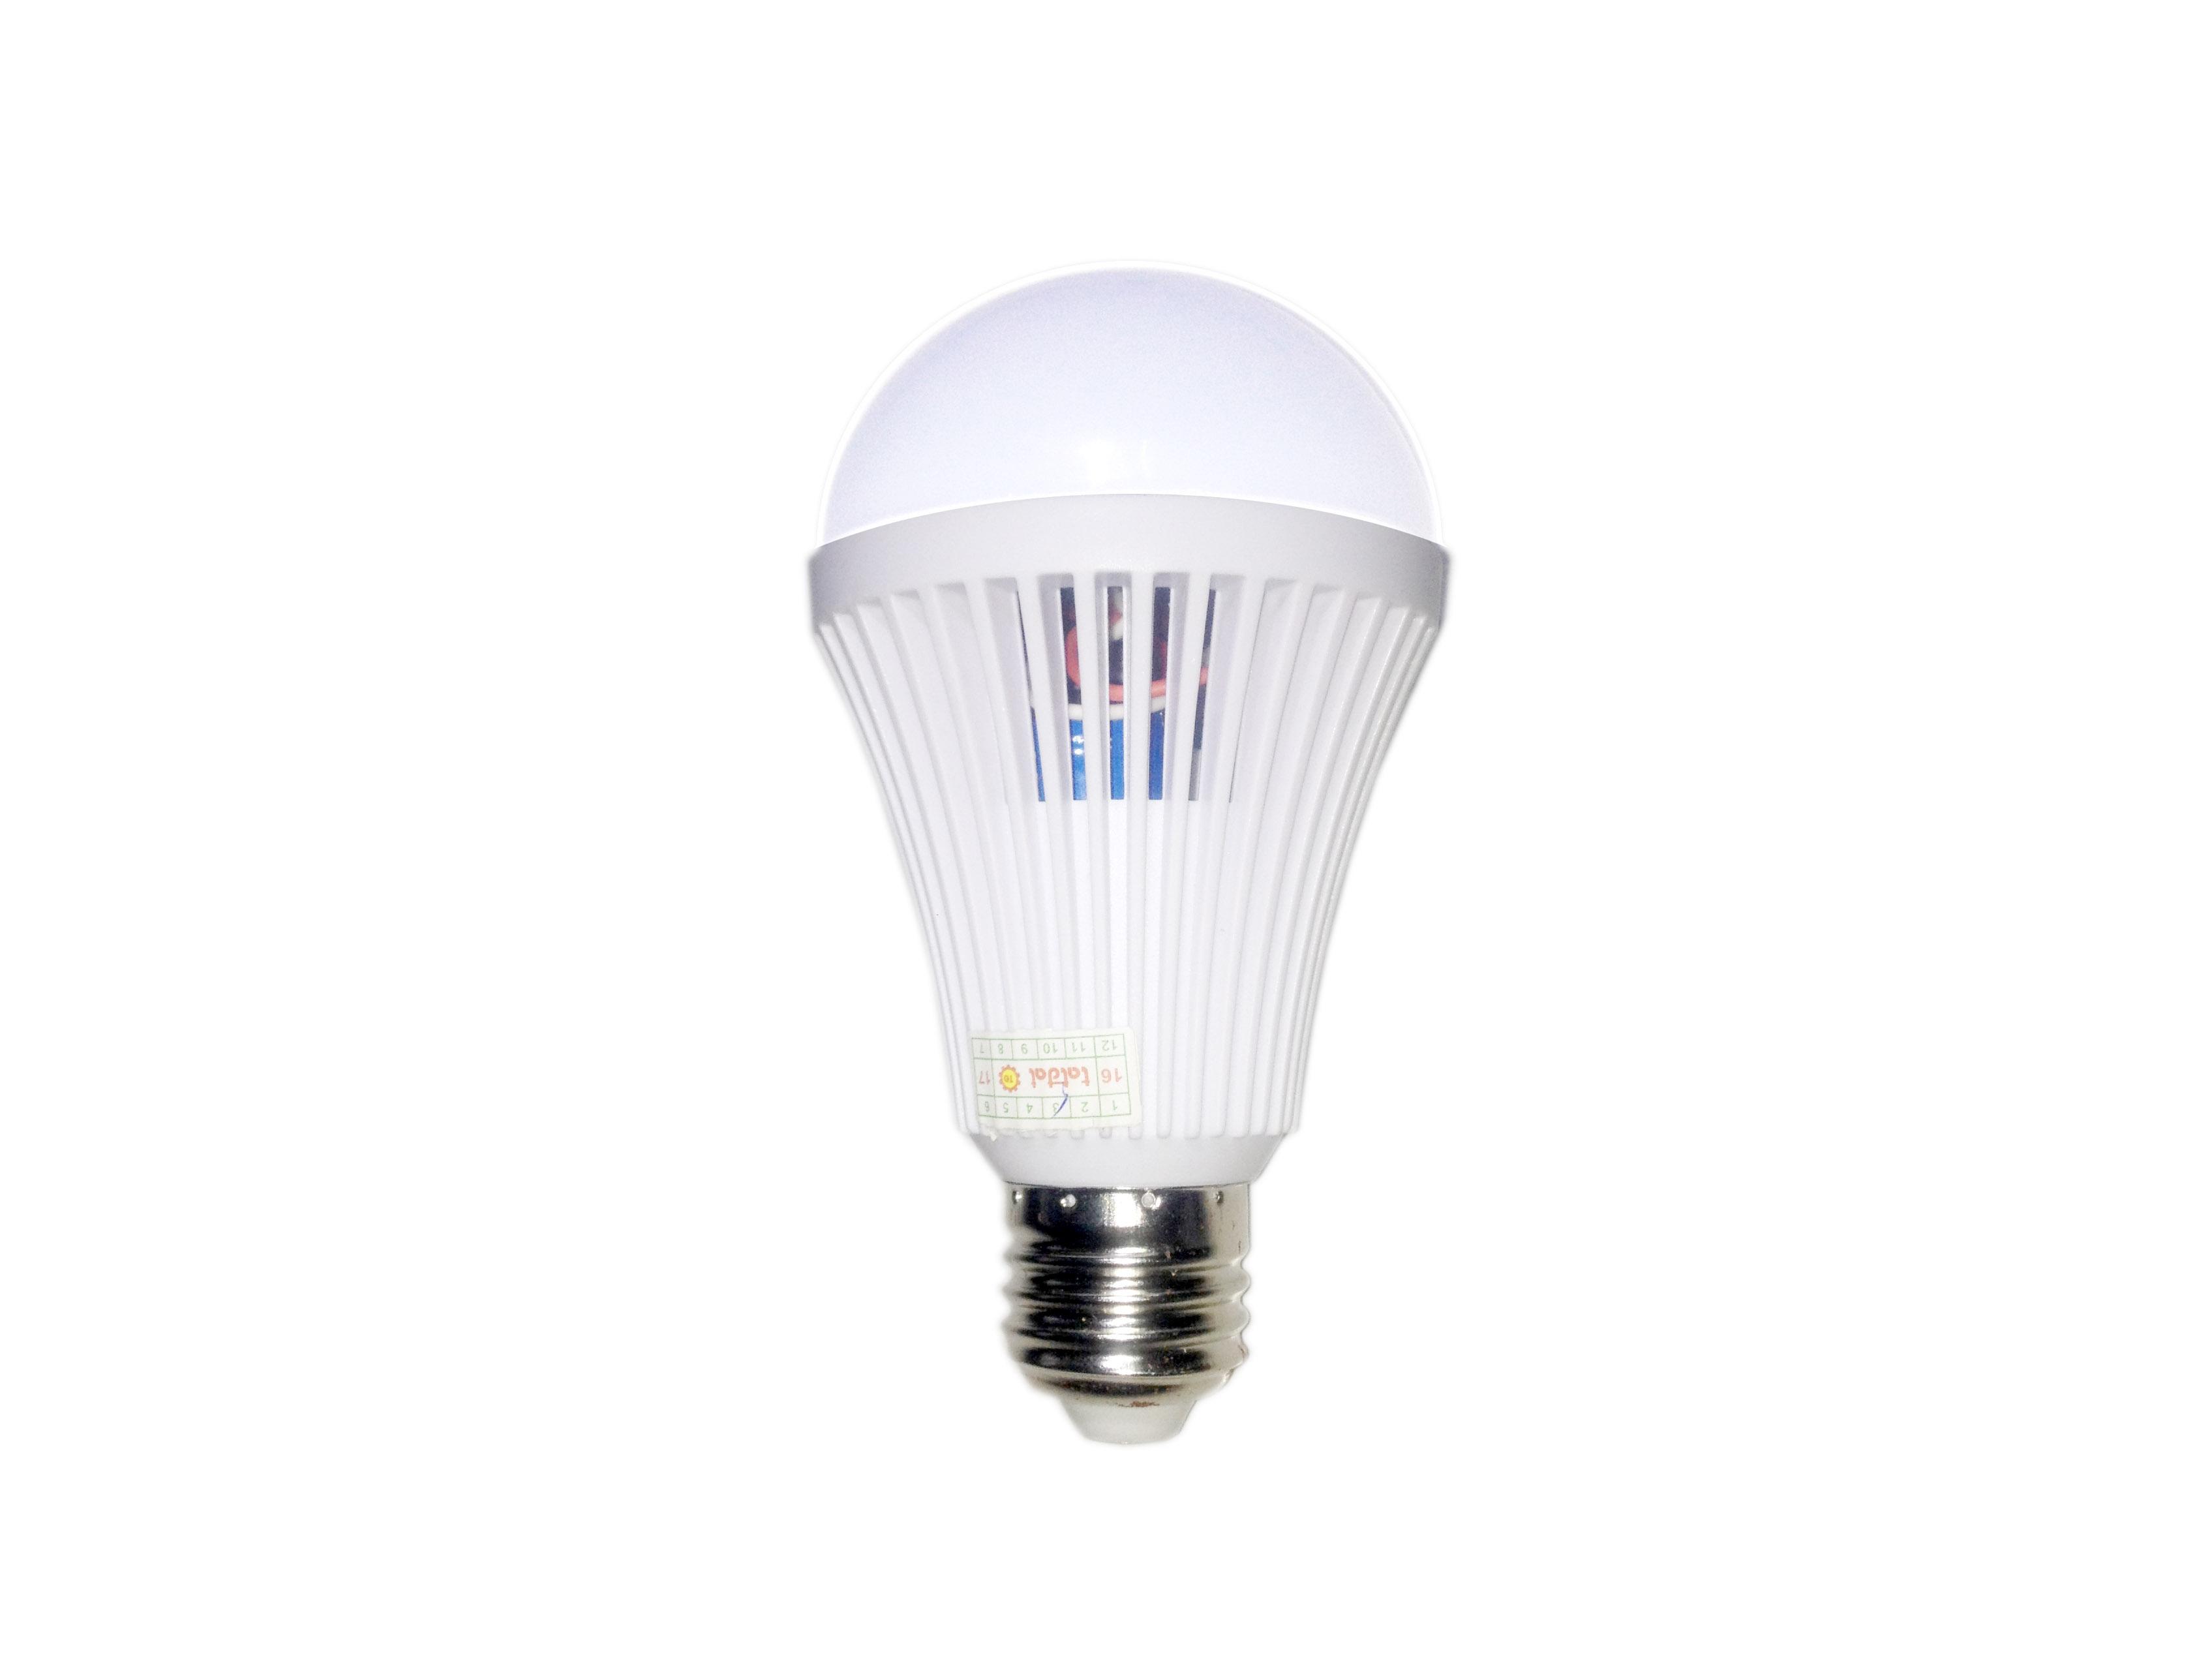 Đèn led 9W - 220V (có Pin sạc tích điện)